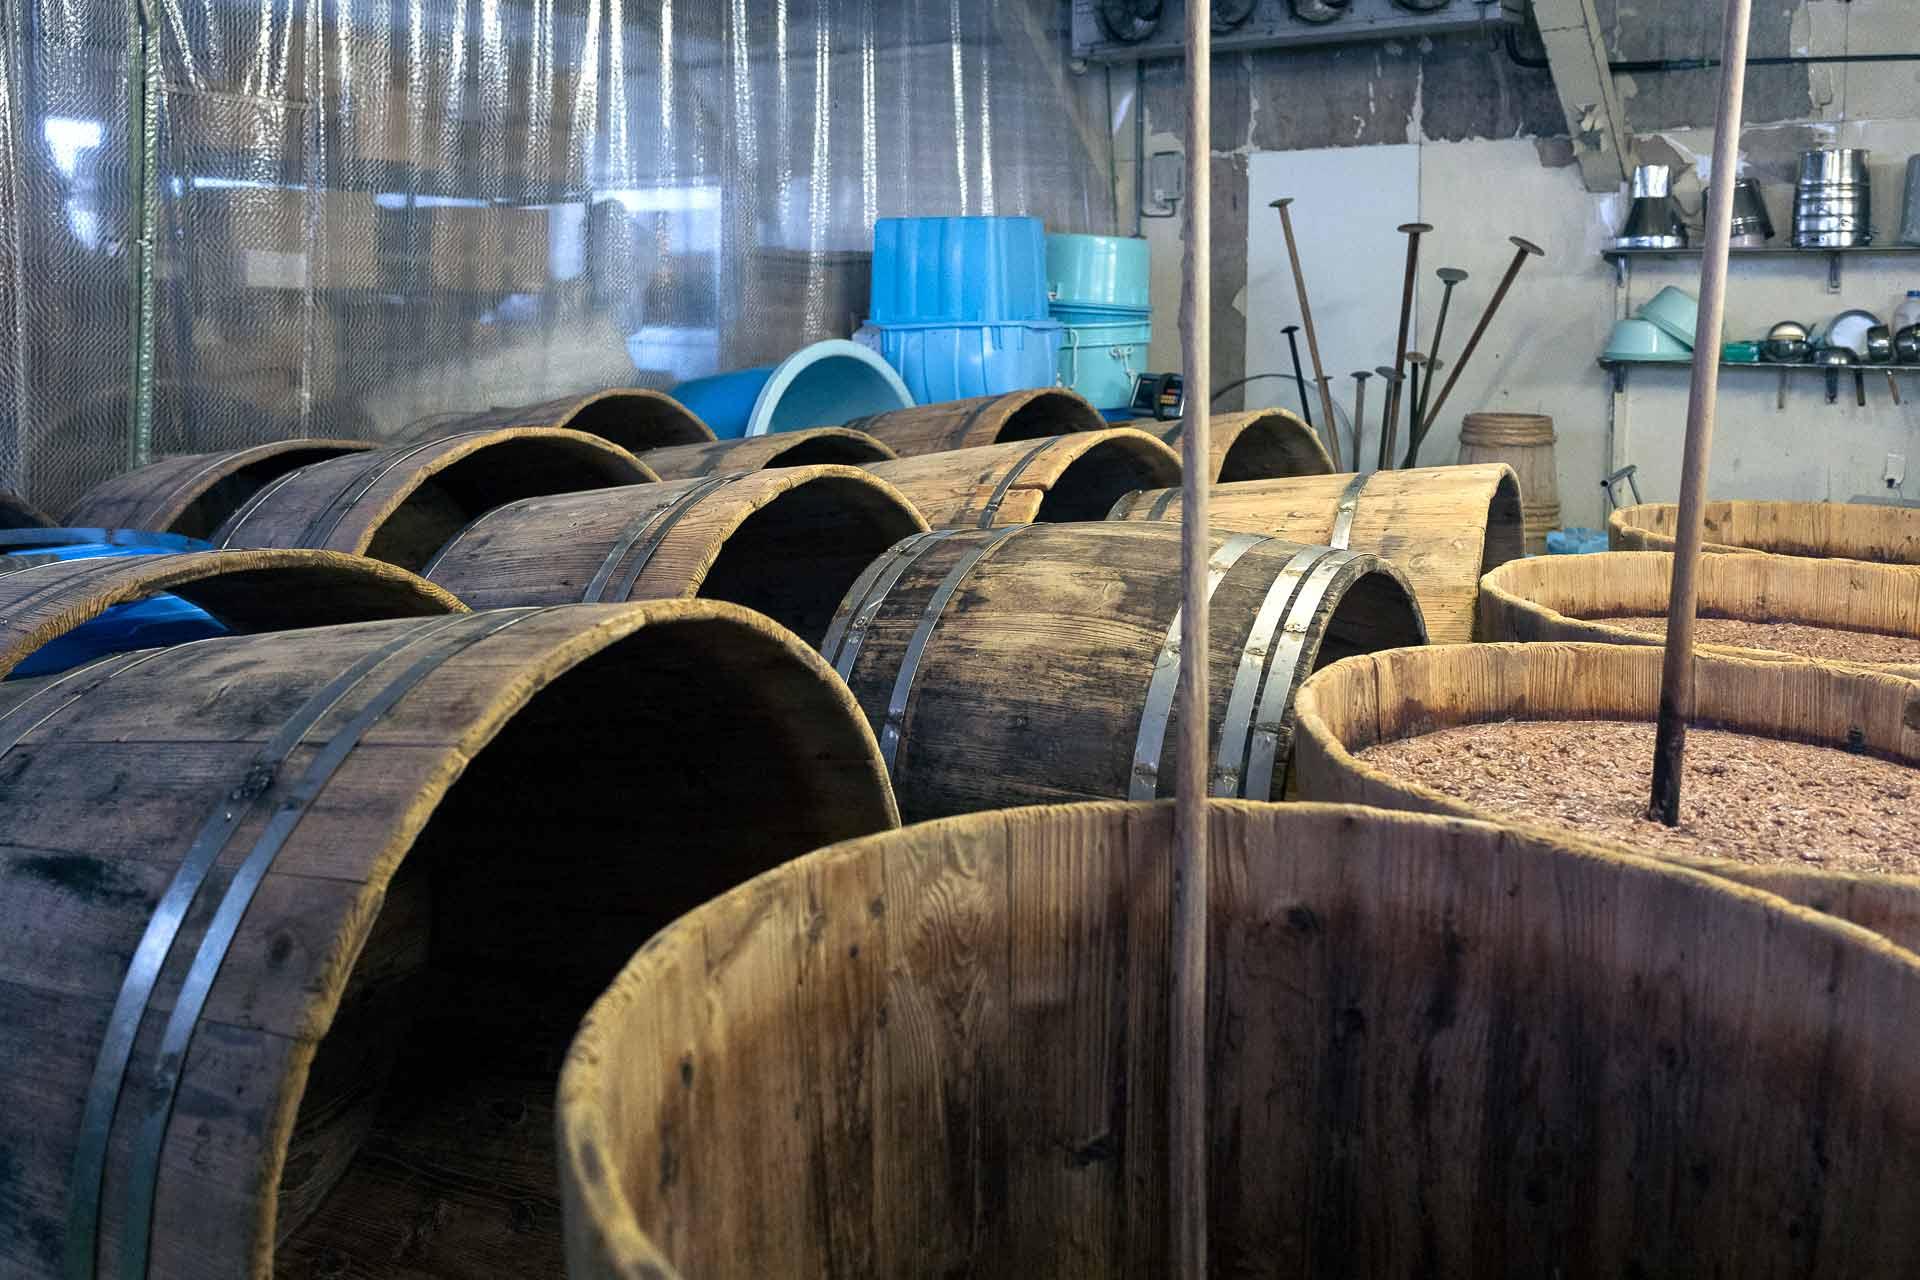 プラスチックの樽もありますが、熟成は必ず木樽を使用されているとのこと